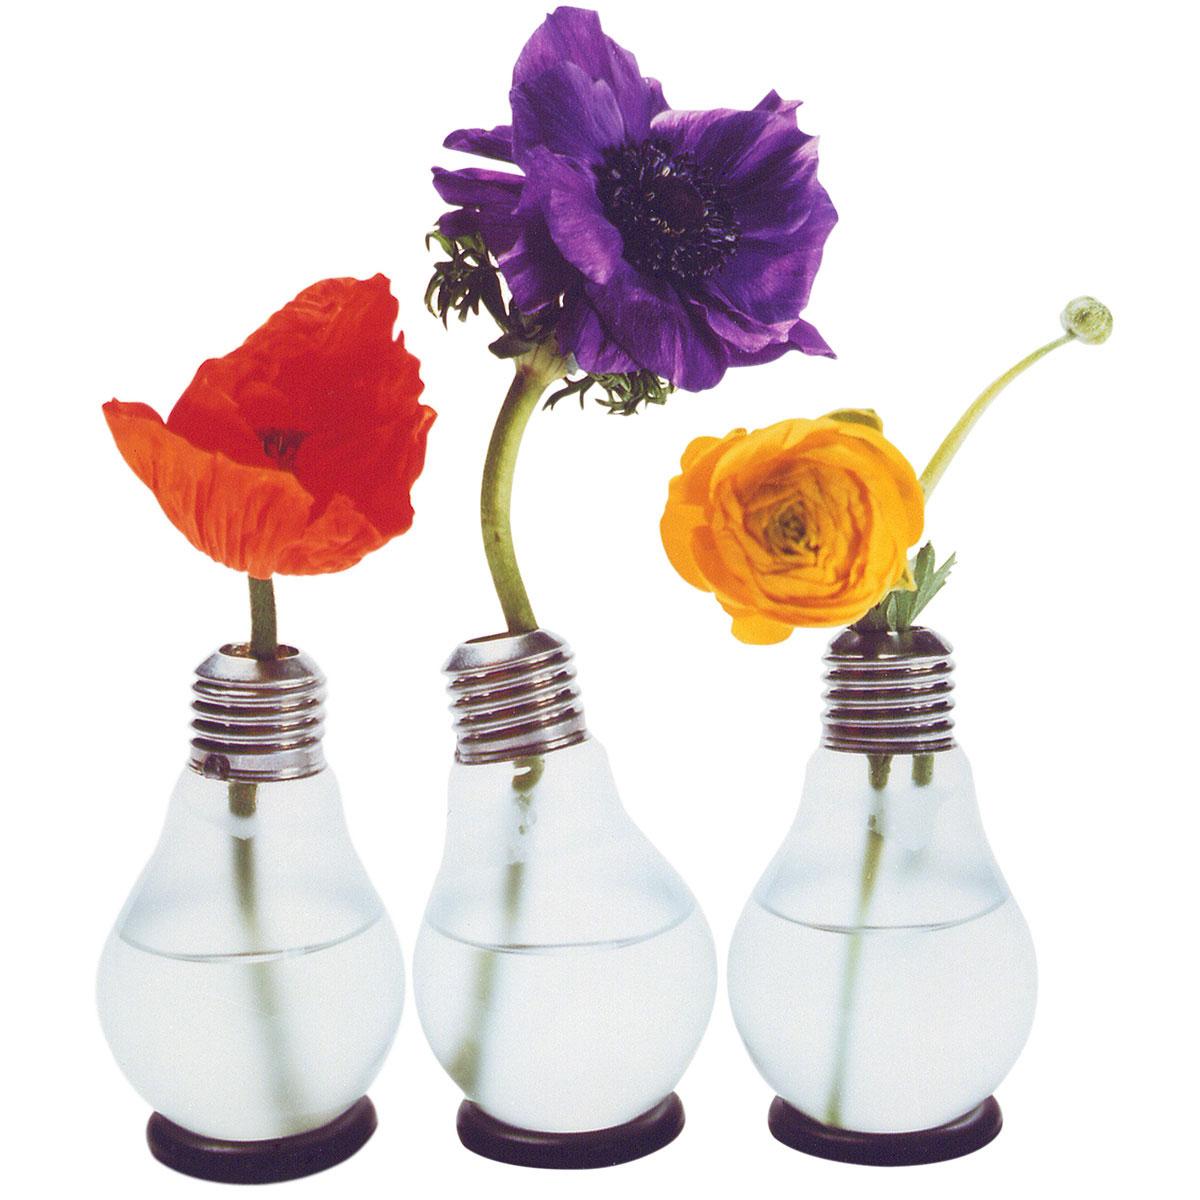 Lightbulb Vase Bluehbirne | The Design Gift Shop